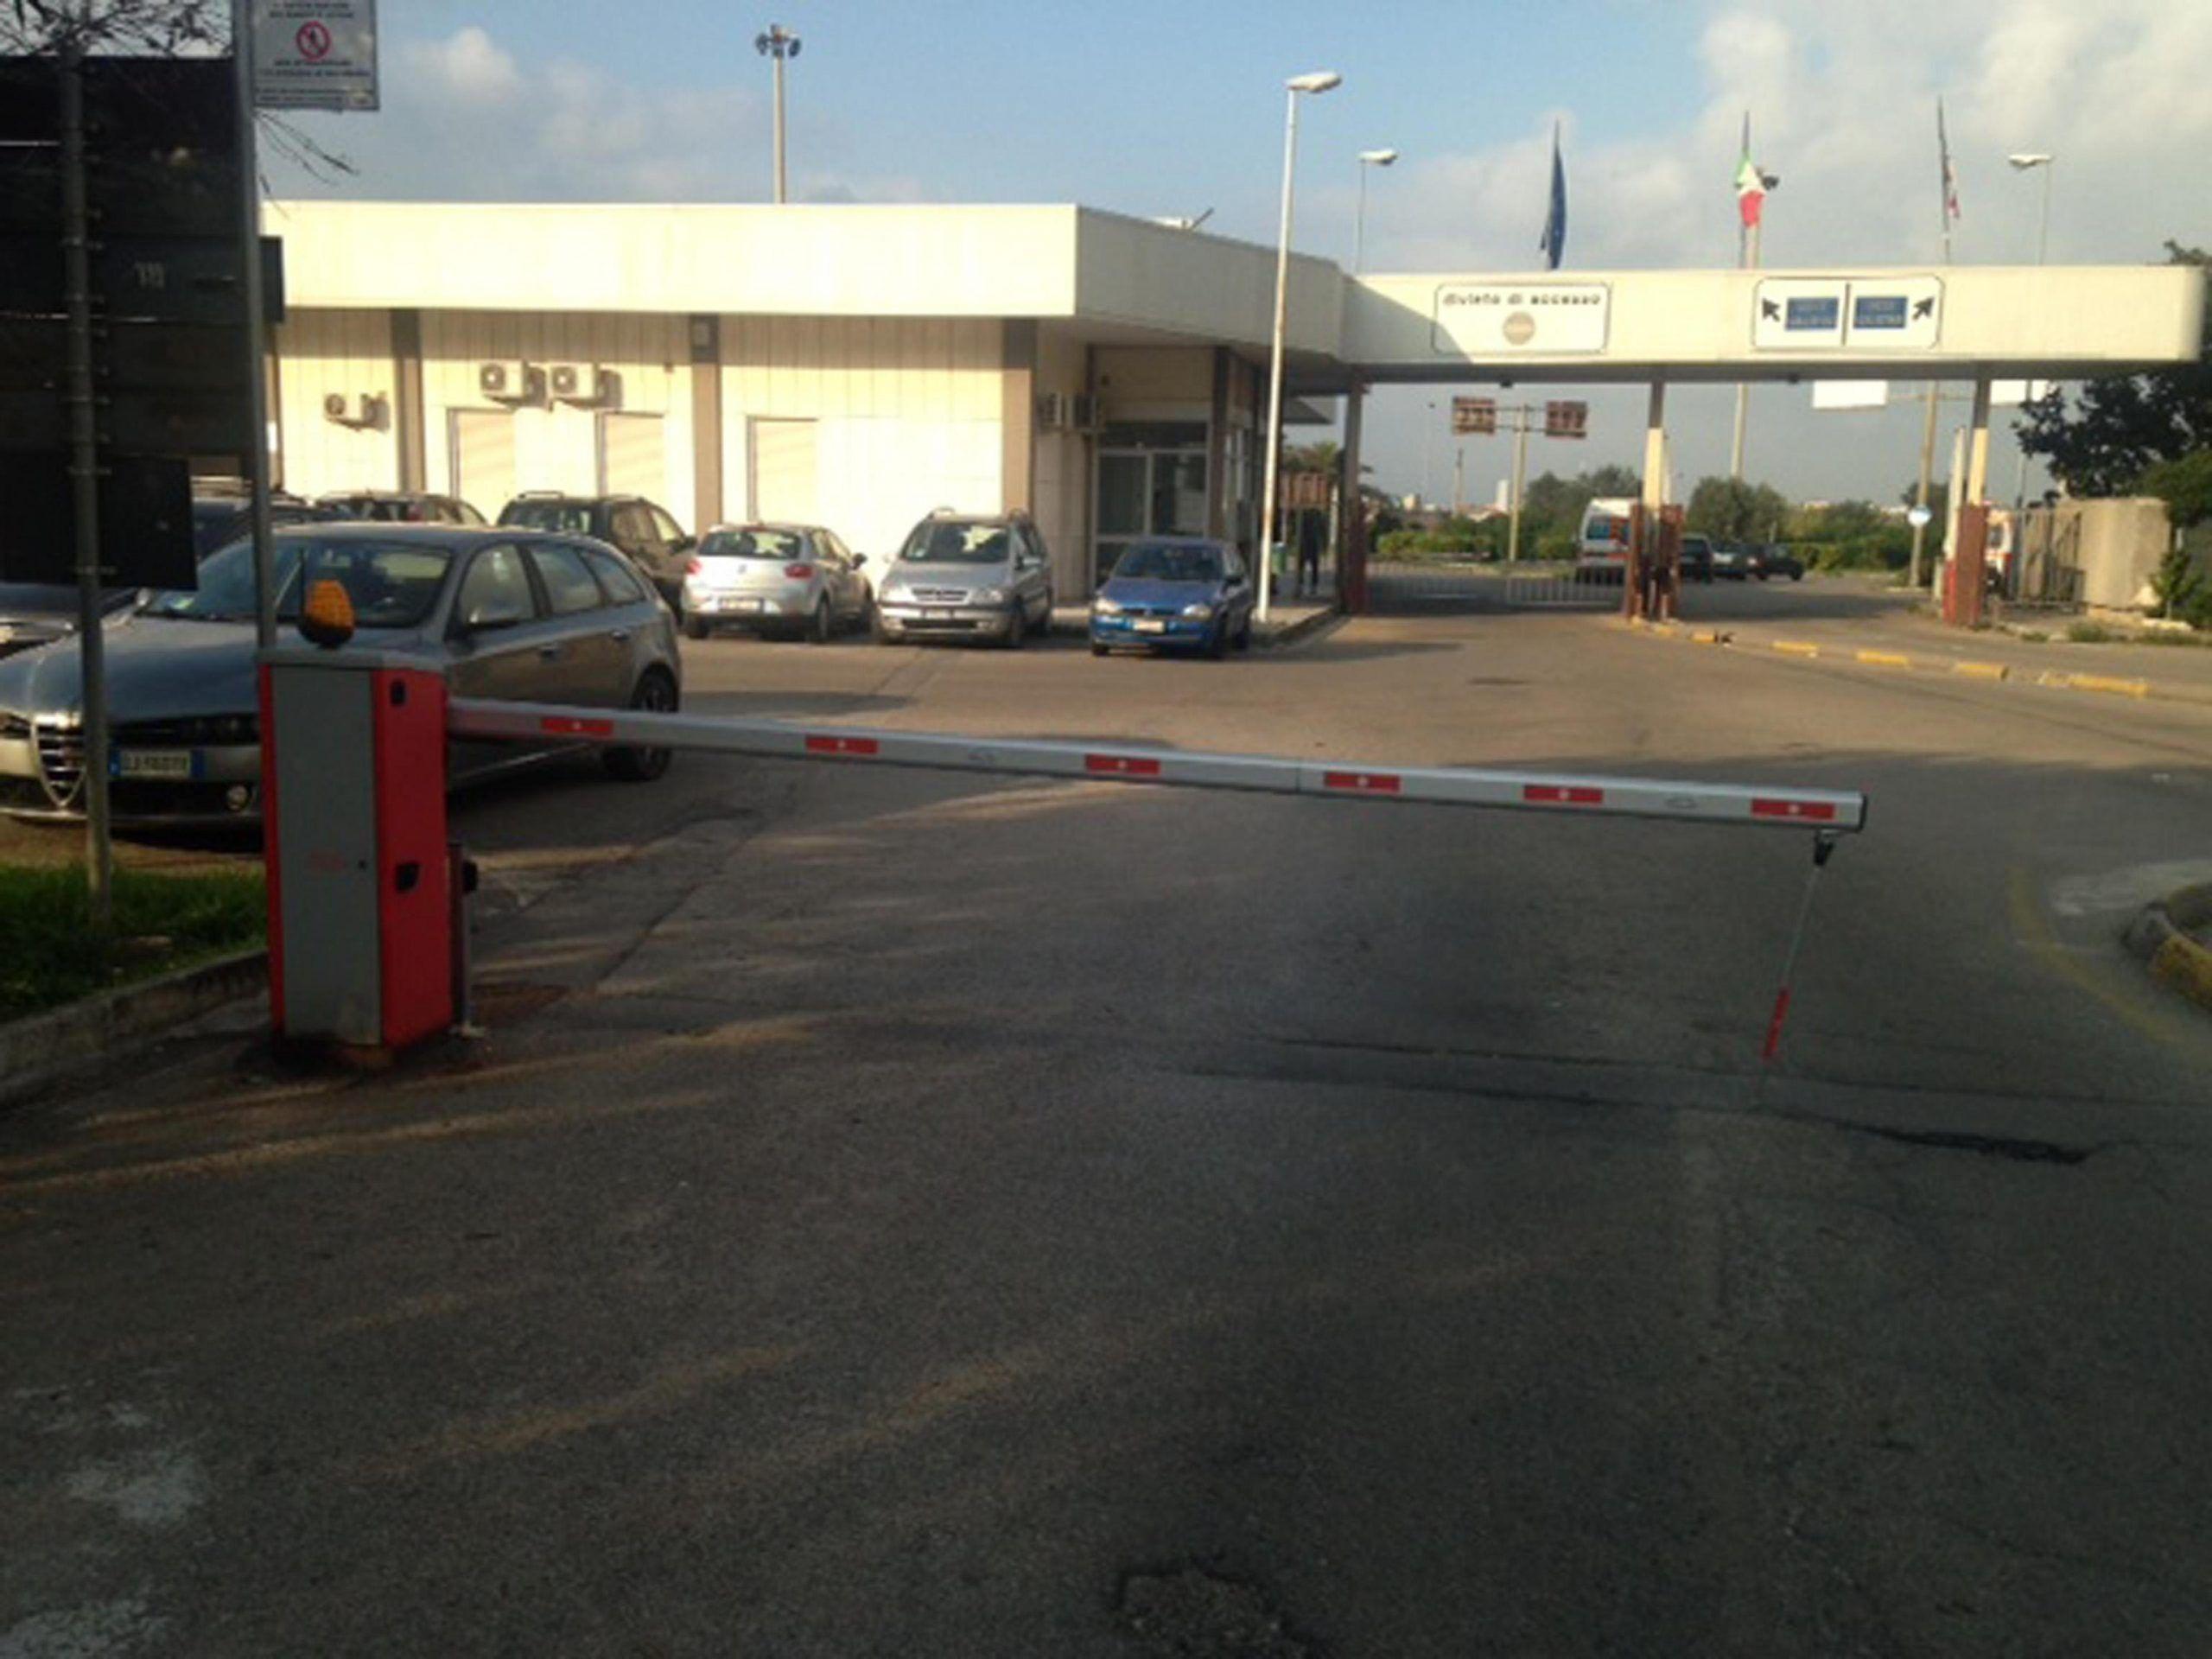 Grave incidente a Lecce bambino di 8 anni vaga nel buio in cerca di aiuto